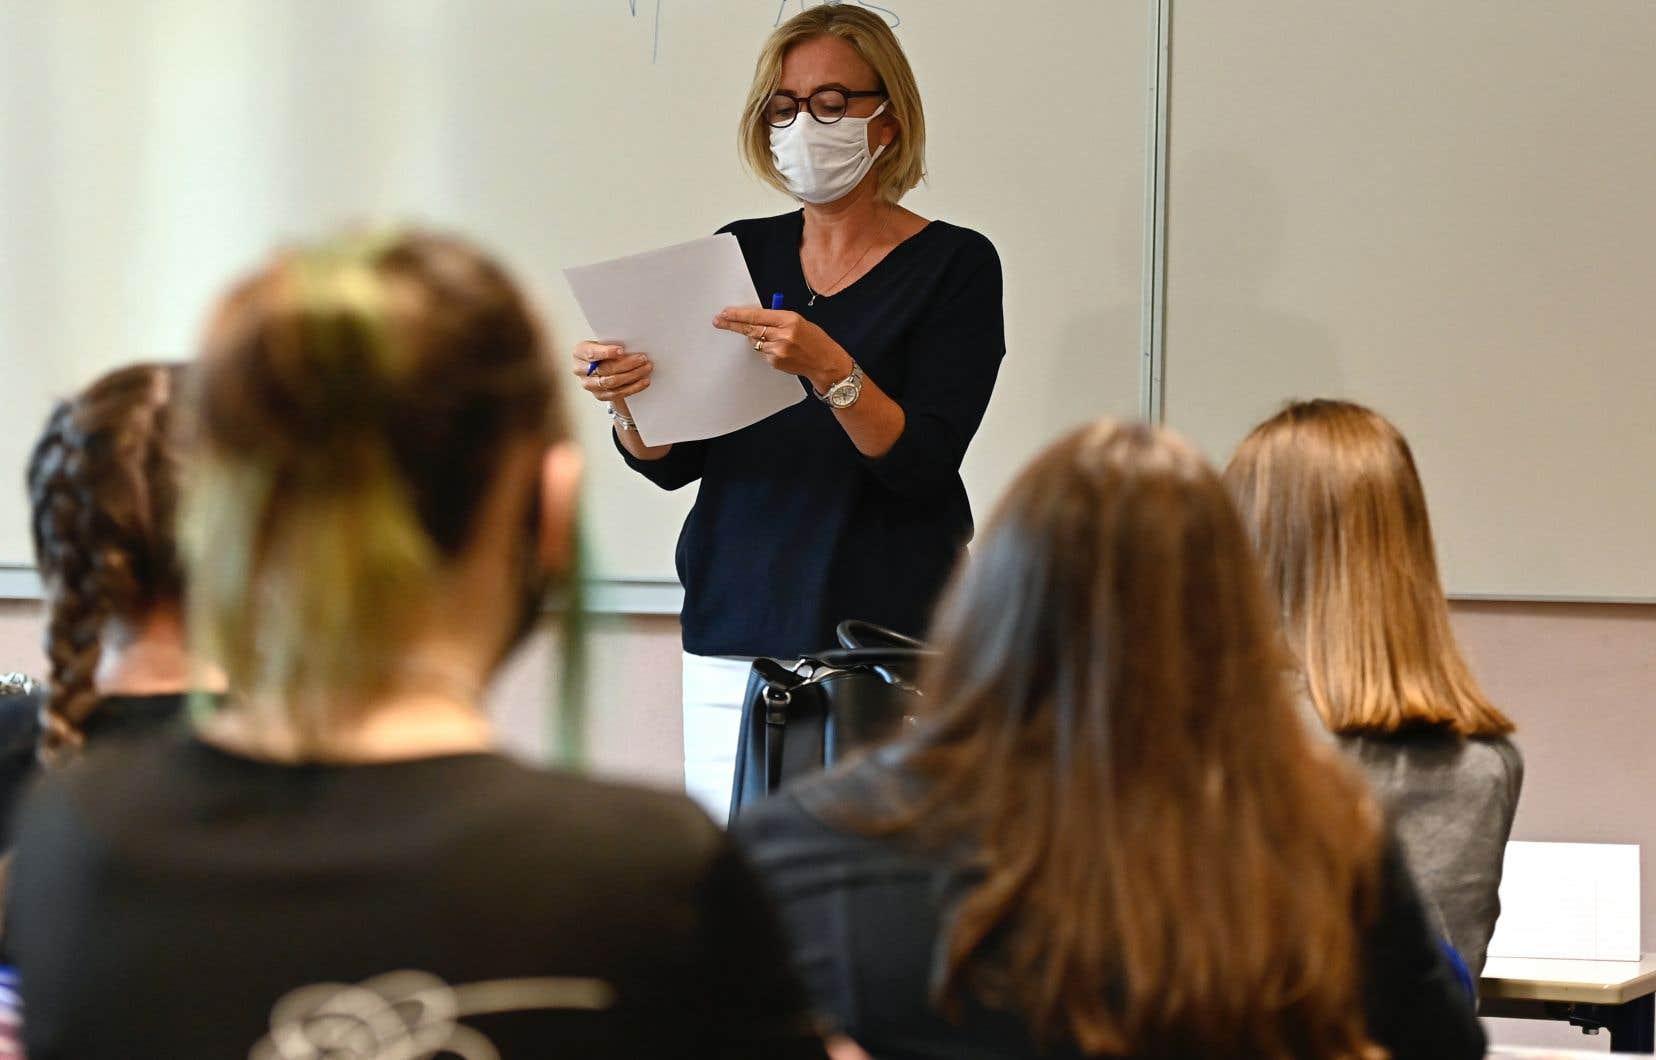 Le syndicat a sondé ses membres au sujet de l'impact de la pandémie sur leur travail, entre le 21septembre et le 12octobre 2020.